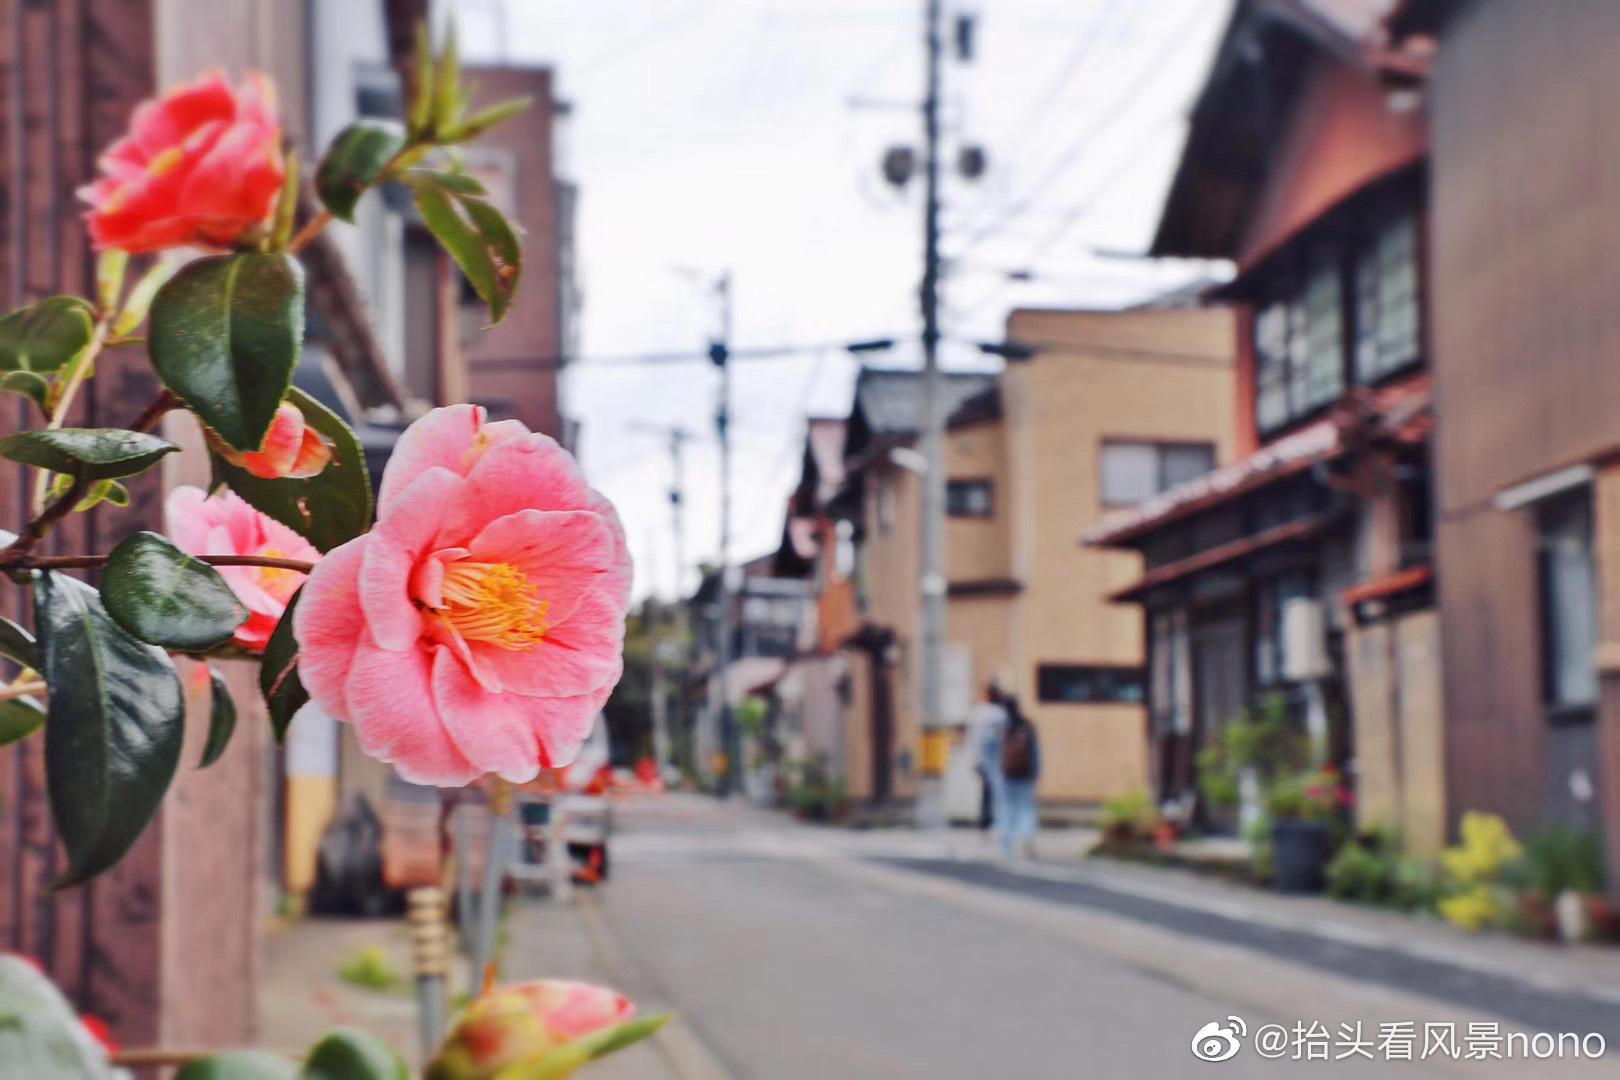 日本,石川县加贺市